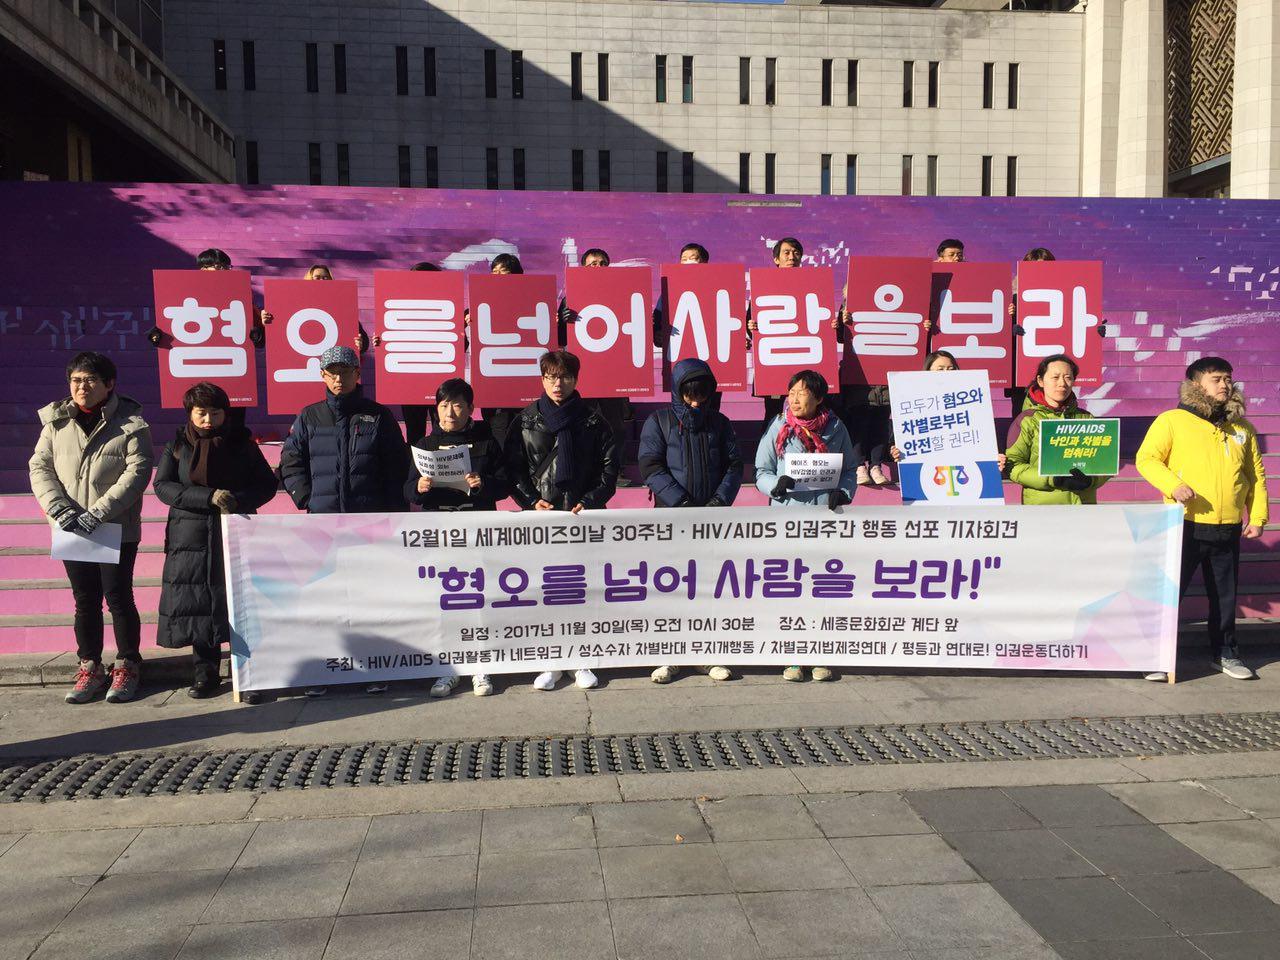 HIV/AIDS 인권주간 행동 선포 기자회견 모습